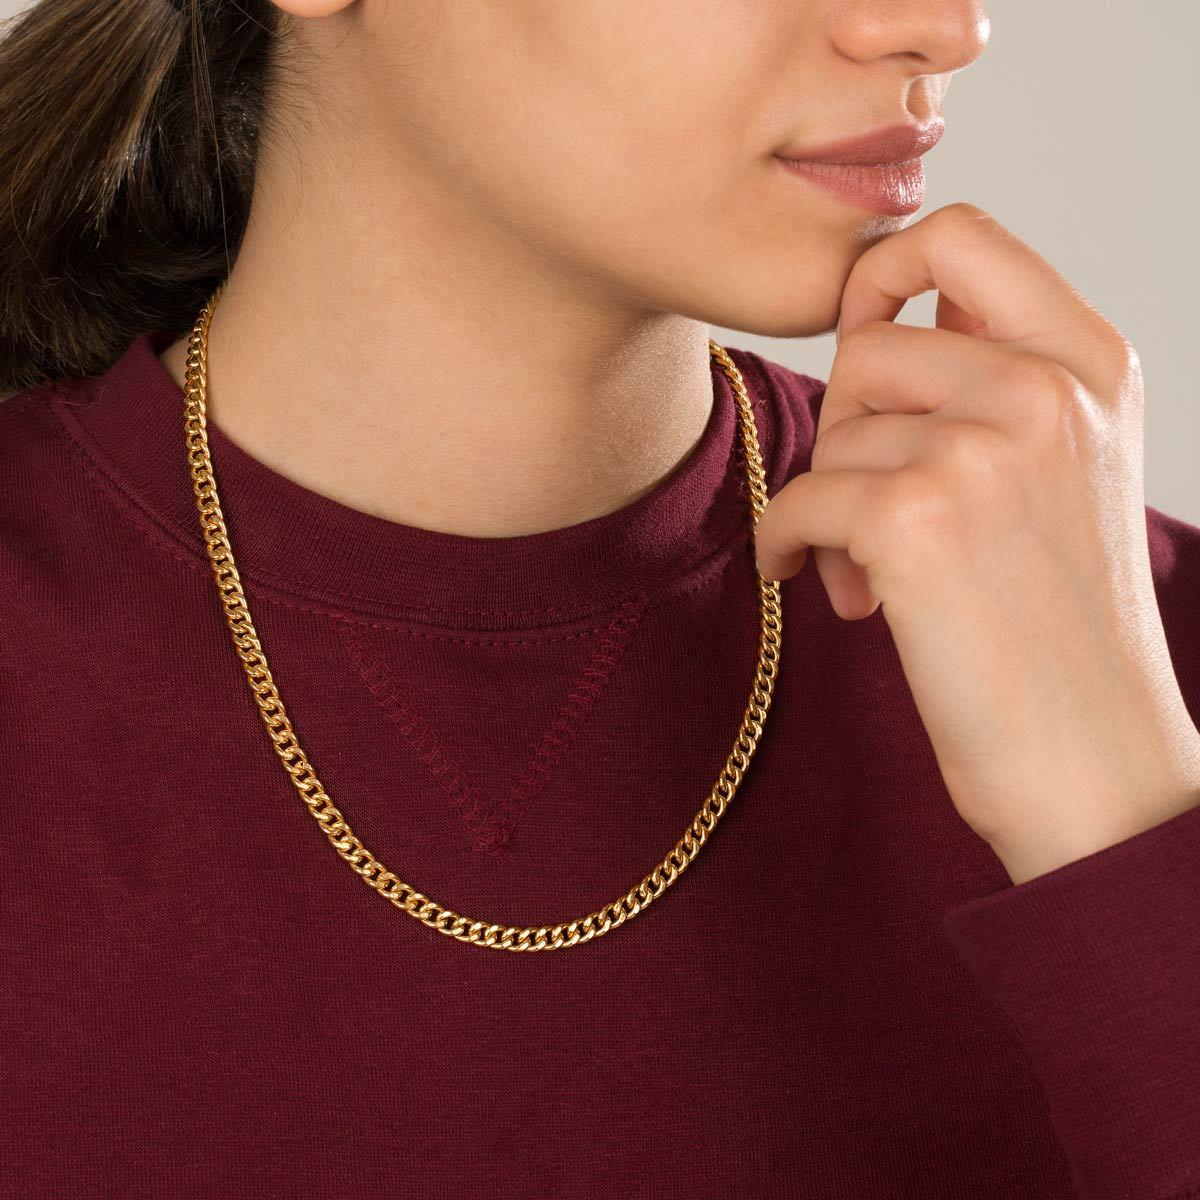 زنجیر گردنبند طلا کارتیه سایز 3